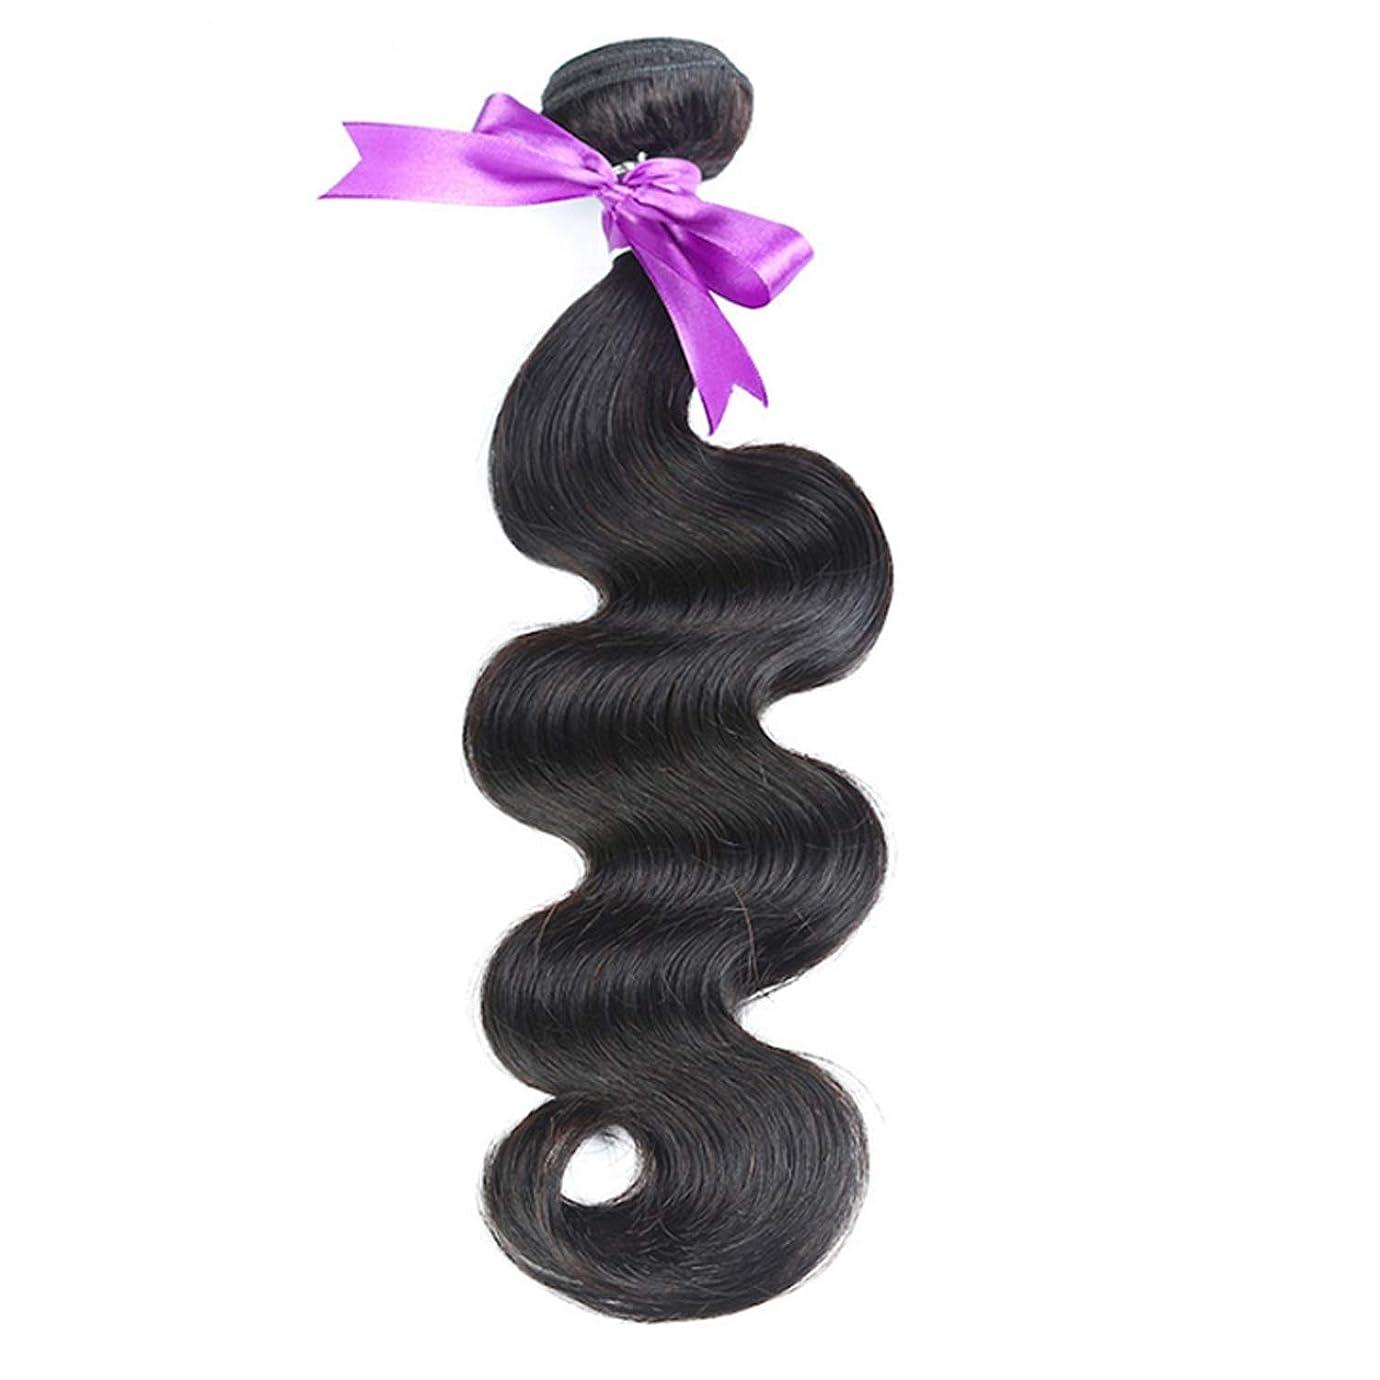 大臣奨学金サーバマレーシアの体毛バンドル8-28インチ100%人毛織りのremy髪ナチュラルカラー1ピース かつら (Stretched Length : 20inches)